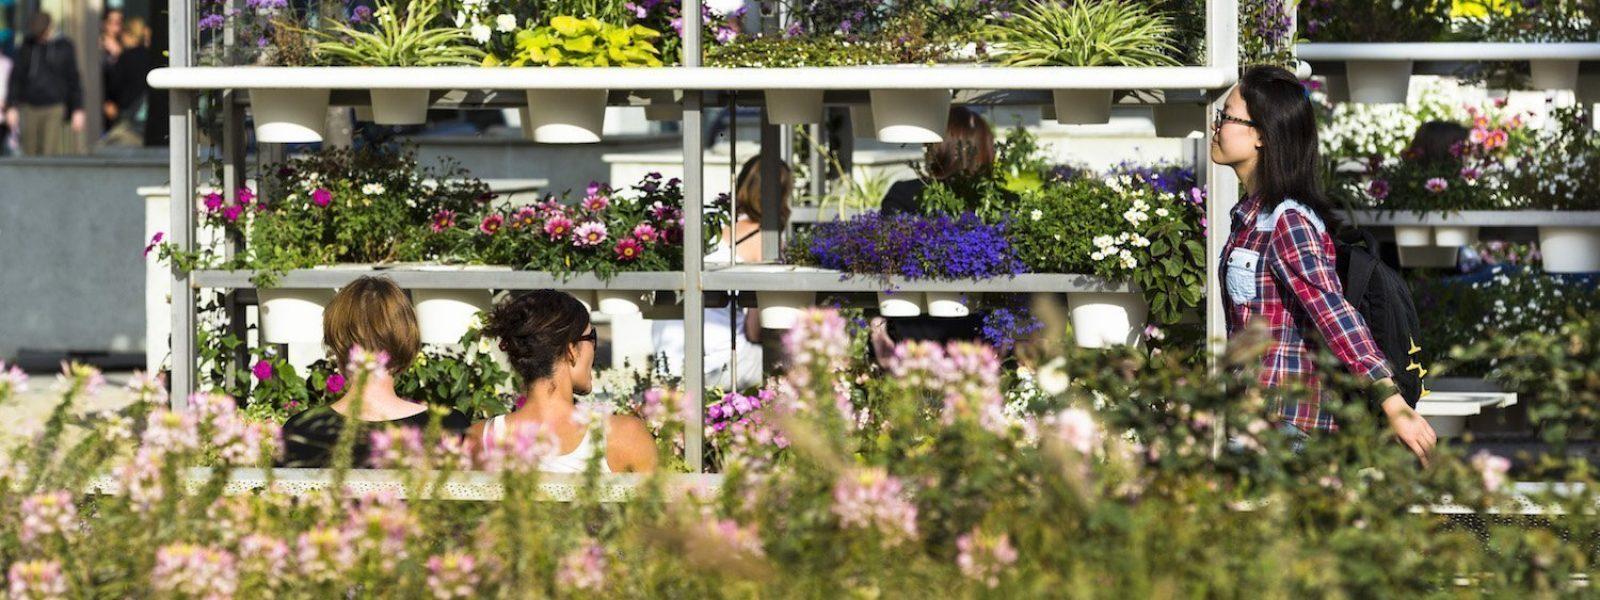 Rennes élue capitale française de la biodiversité en 2016